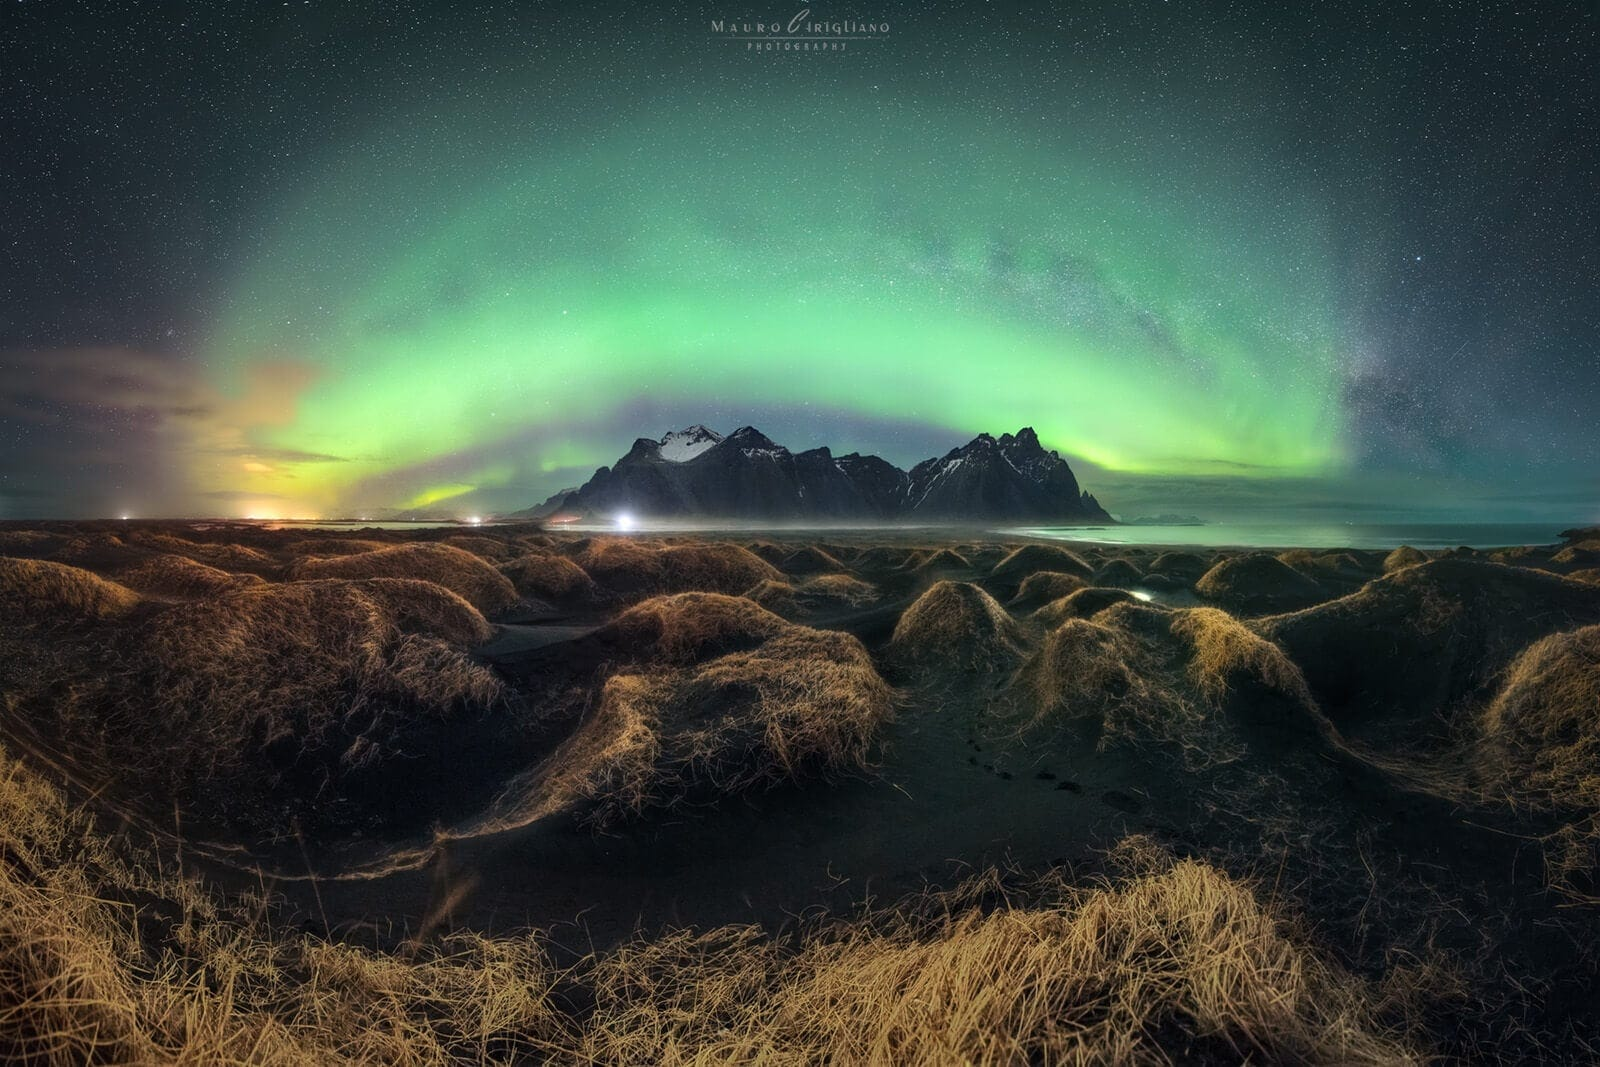 Monte con arco aurora boreale e dune di sabbia con erba gialla in primo piano